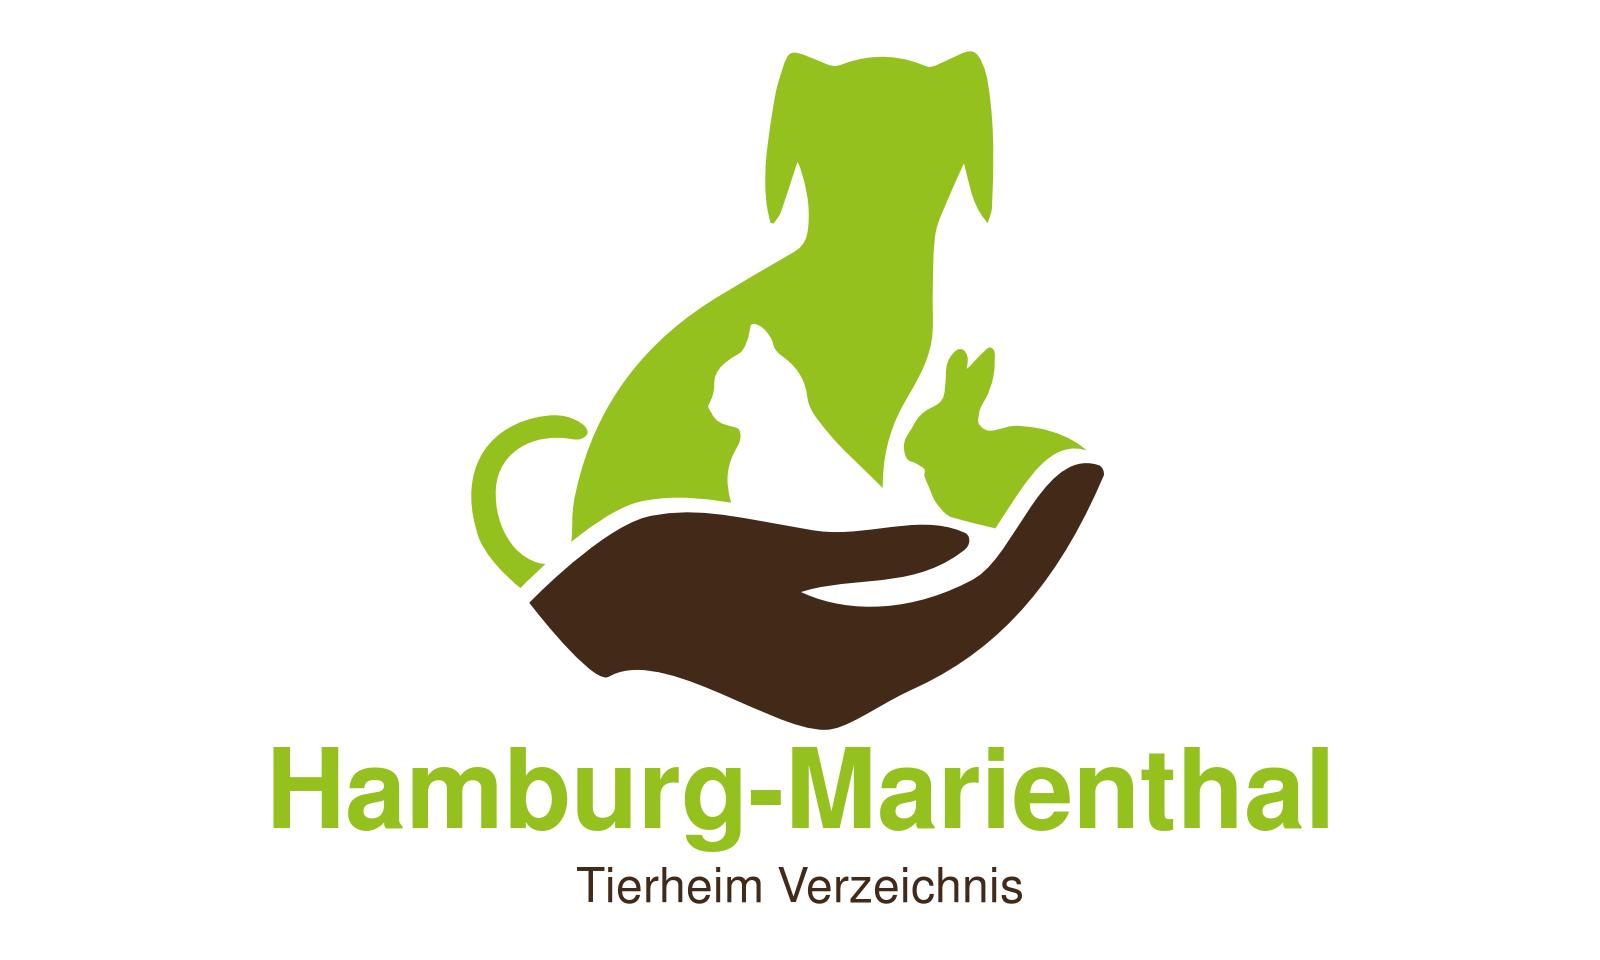 Tierheim Hamburg Marienthal